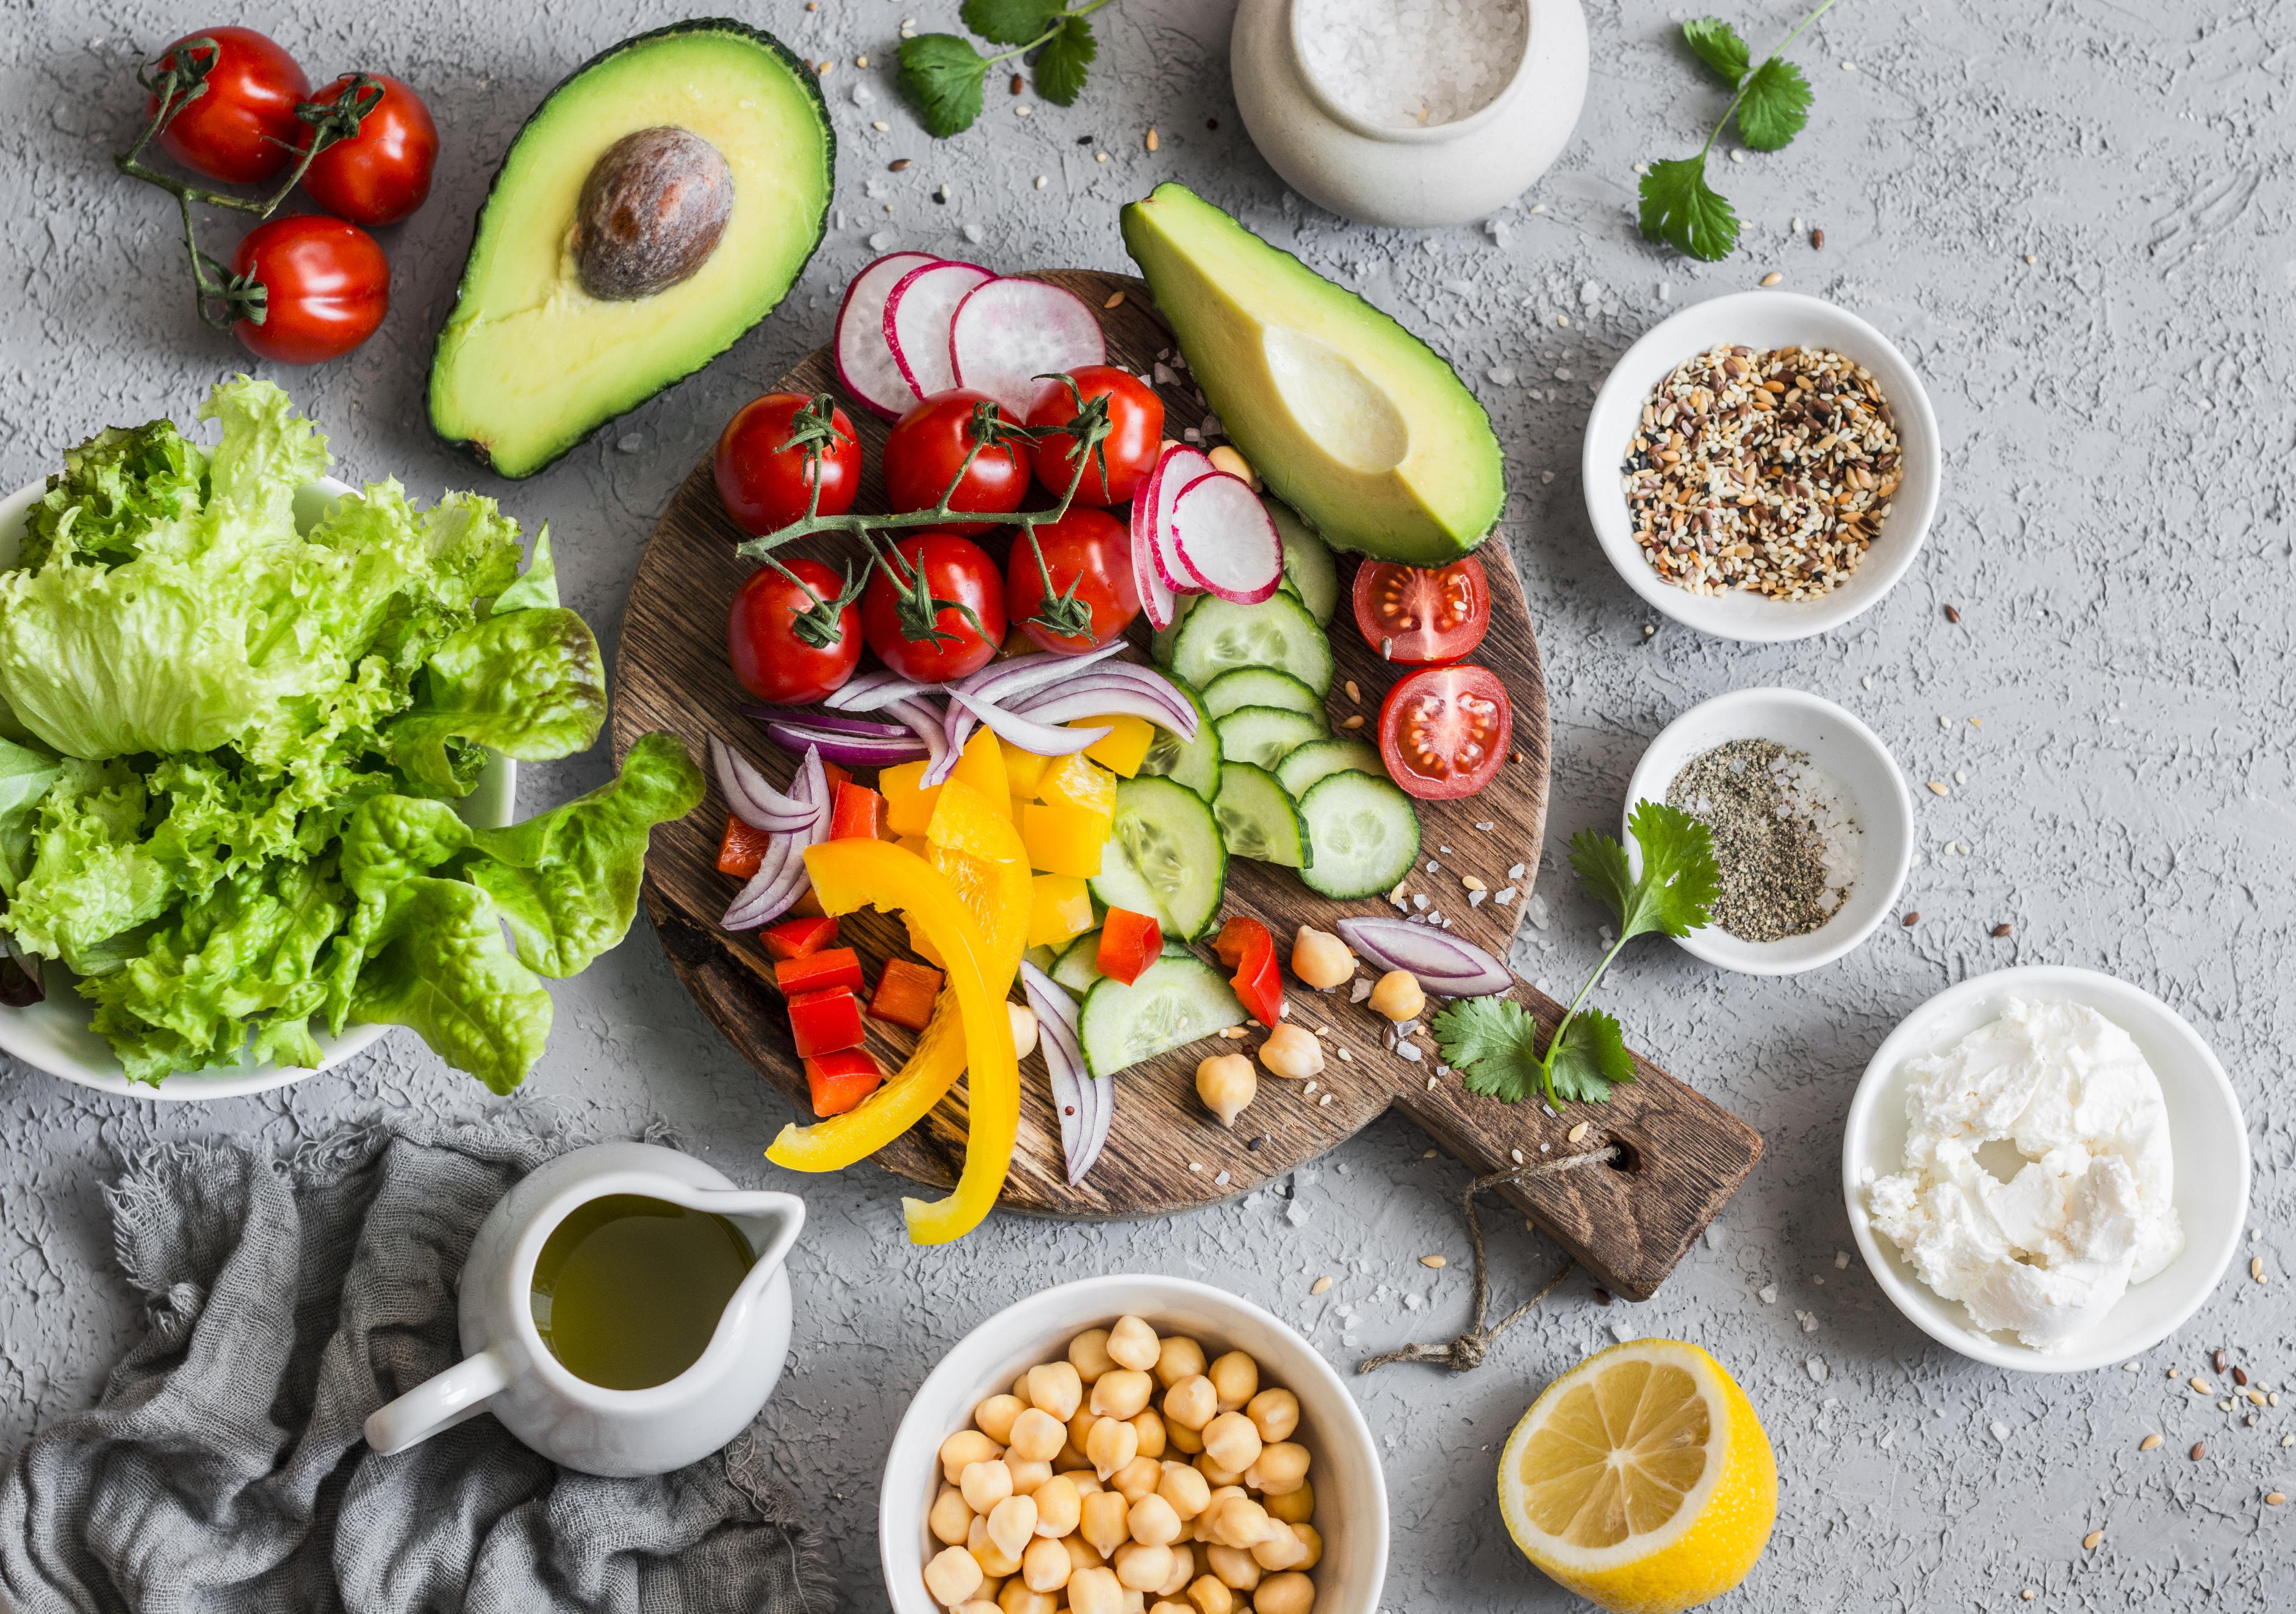 Kuinka paljon kaloreita on eri elintarvikkeissa?